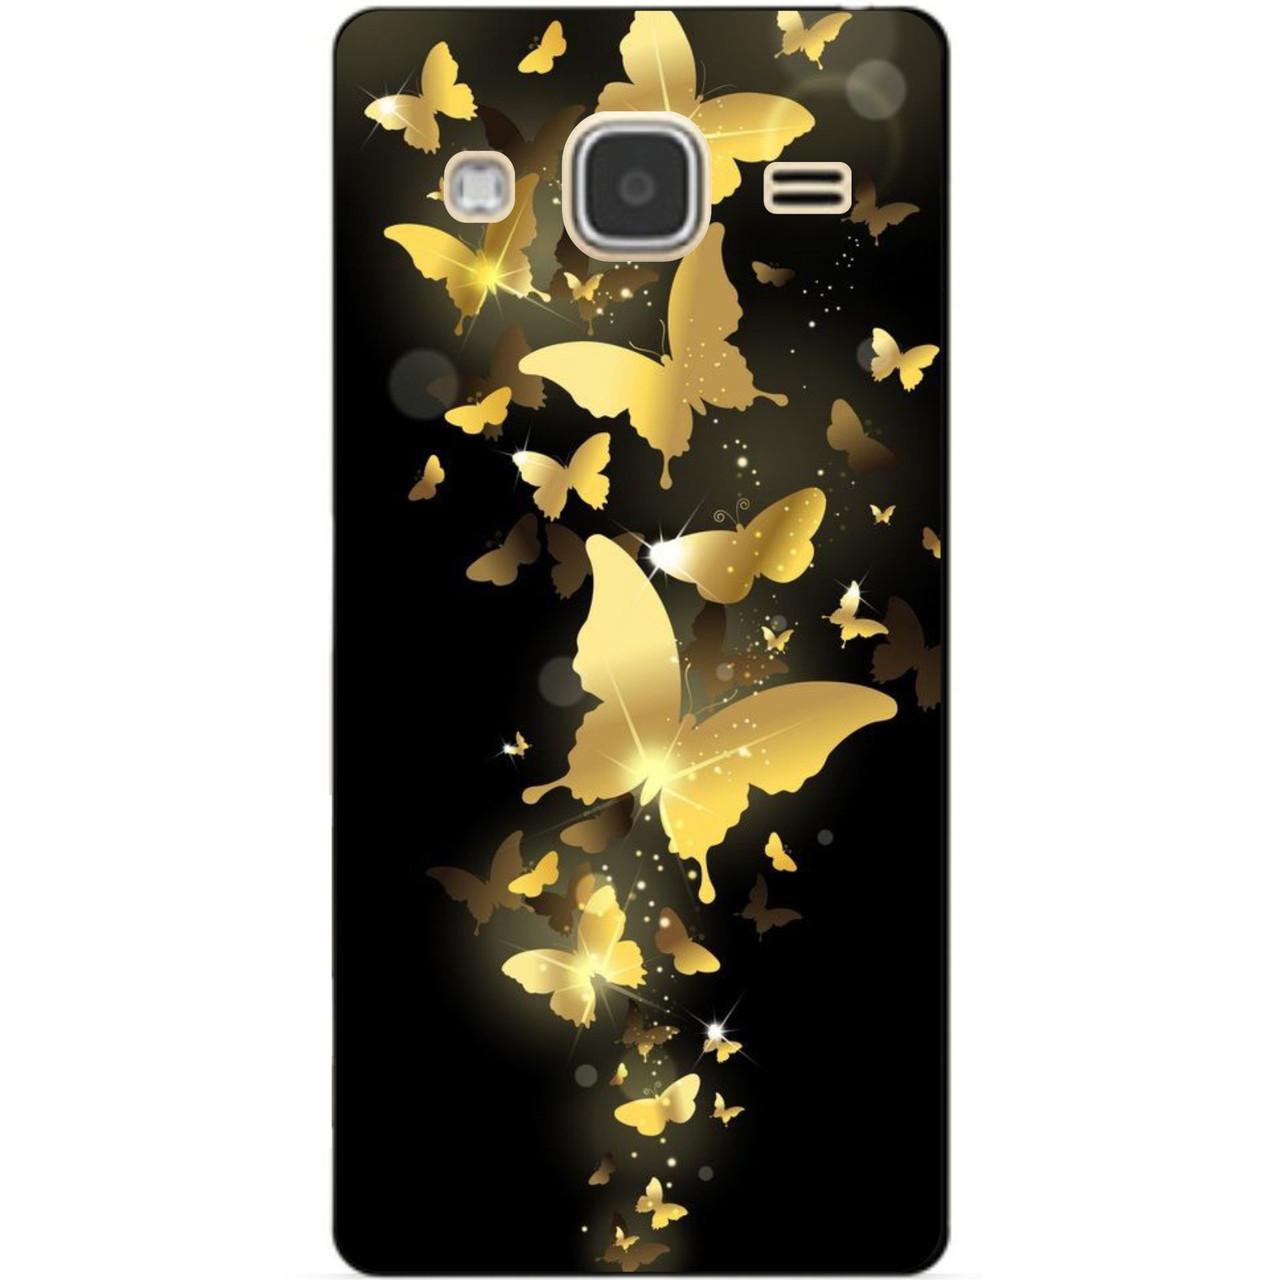 Чехол силиконовый бампер для Samsung Galaxy J3 J300 с рисунком Золотые бабочки